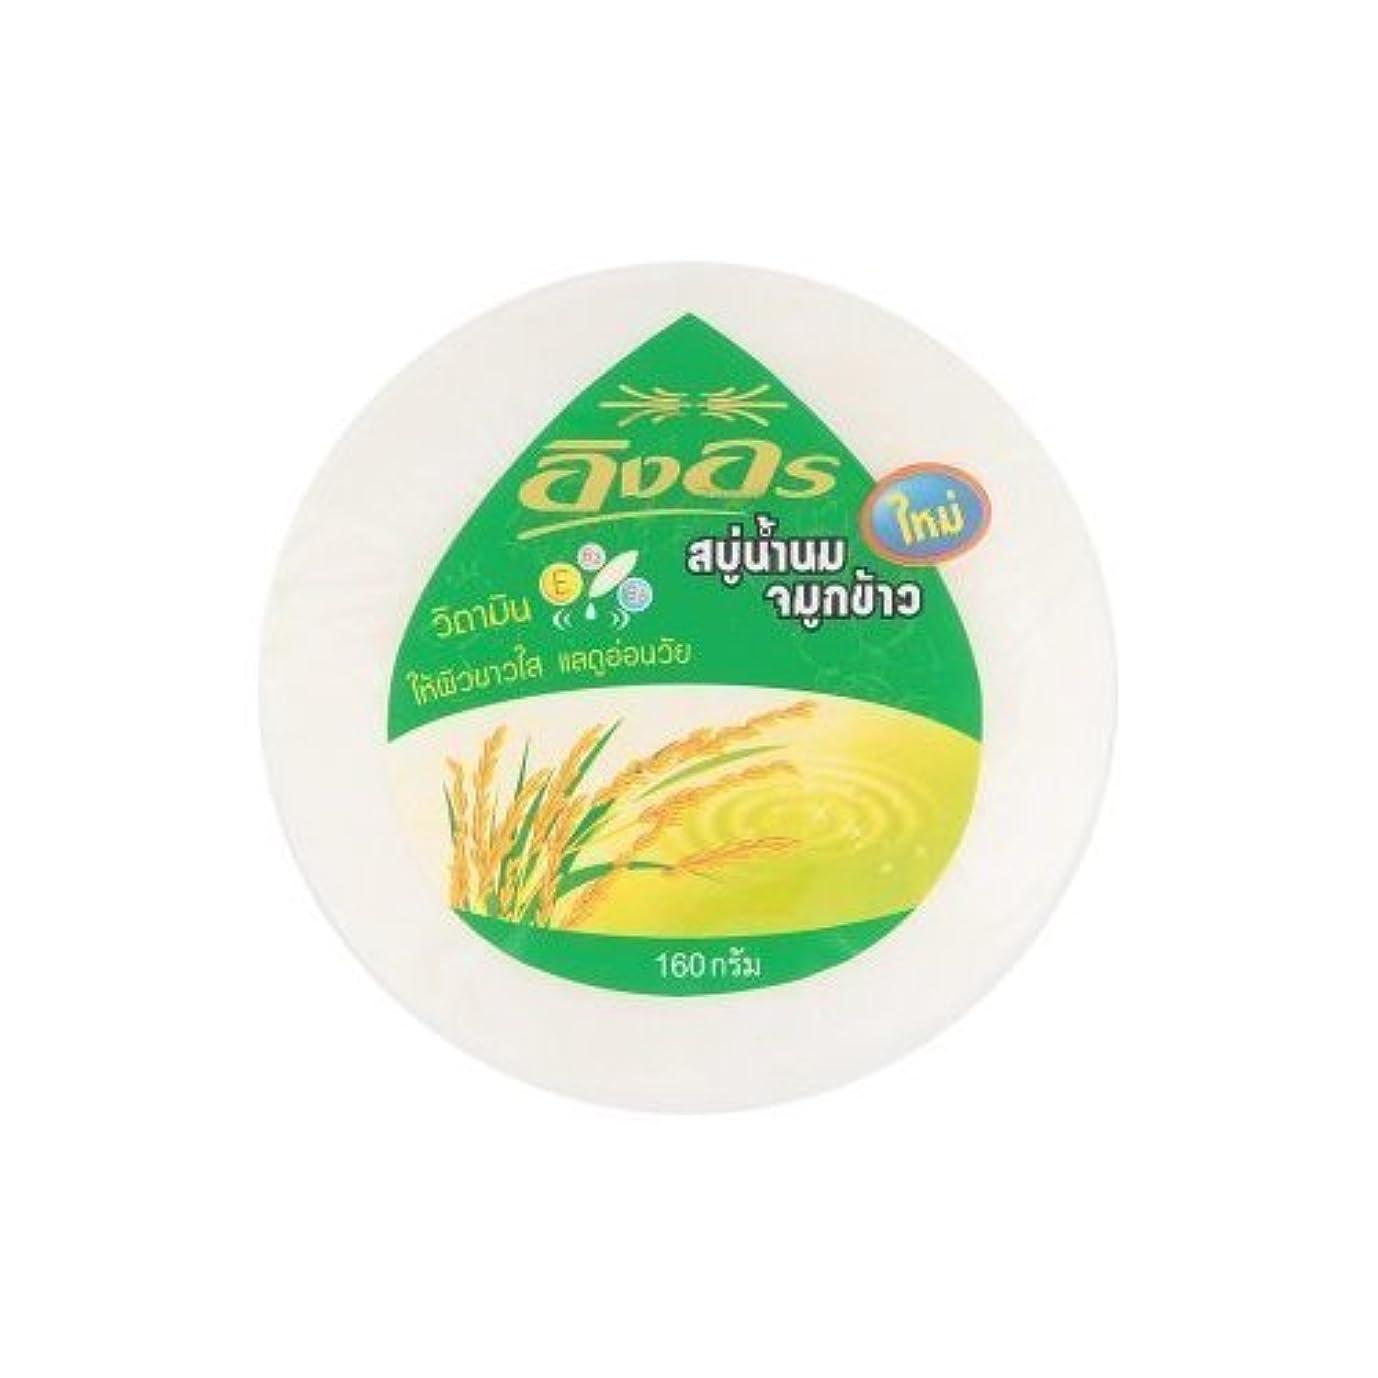 震え期限切れピストルNi Yom Thai shop Ing on : Wheat Germ Milk Herbal Soap Bar 5.64 Oz. Made in Thailand